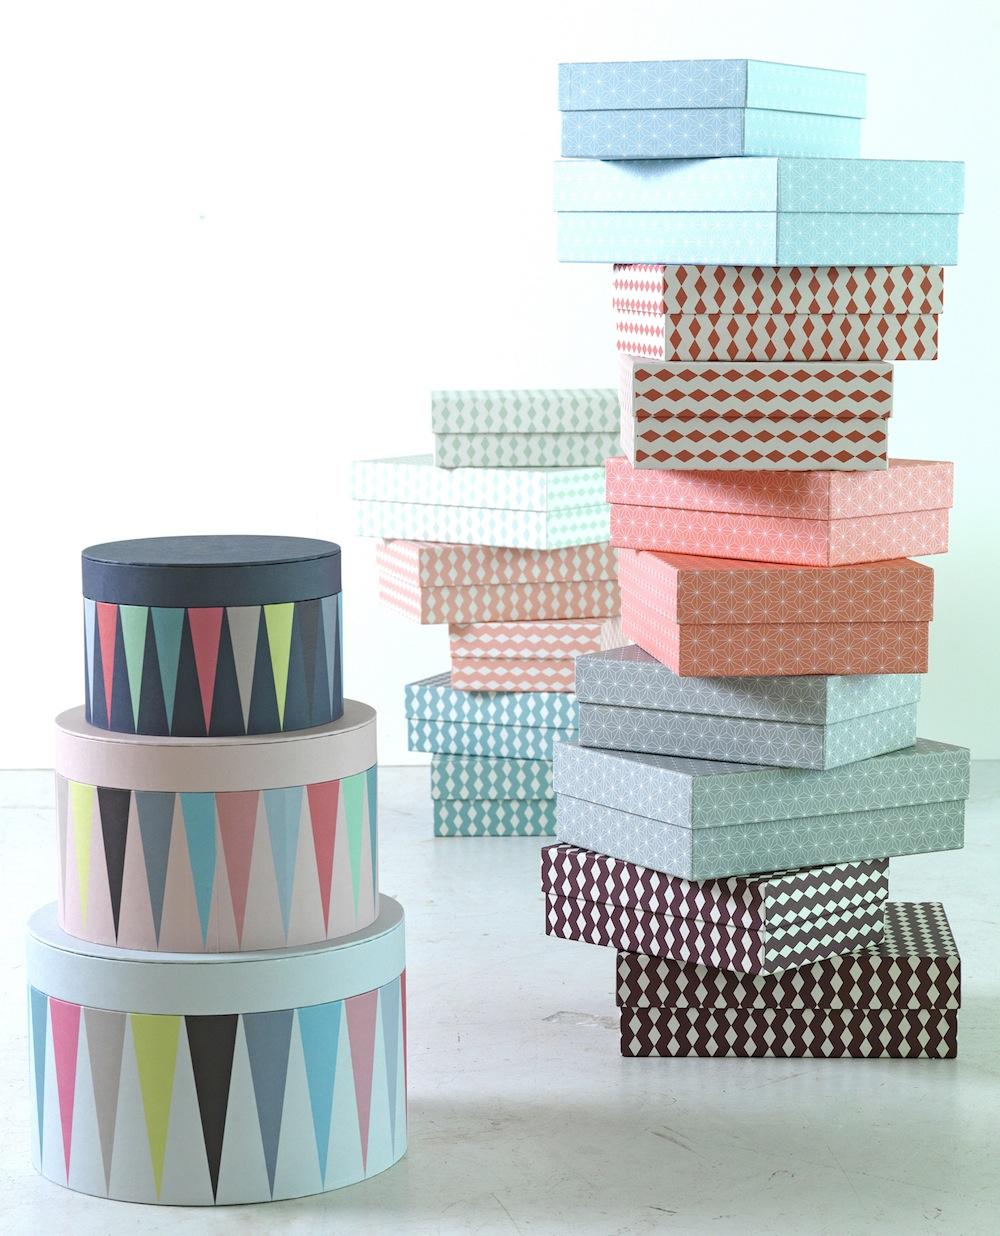 ikea br kig limited edition collection flodeau. Black Bedroom Furniture Sets. Home Design Ideas